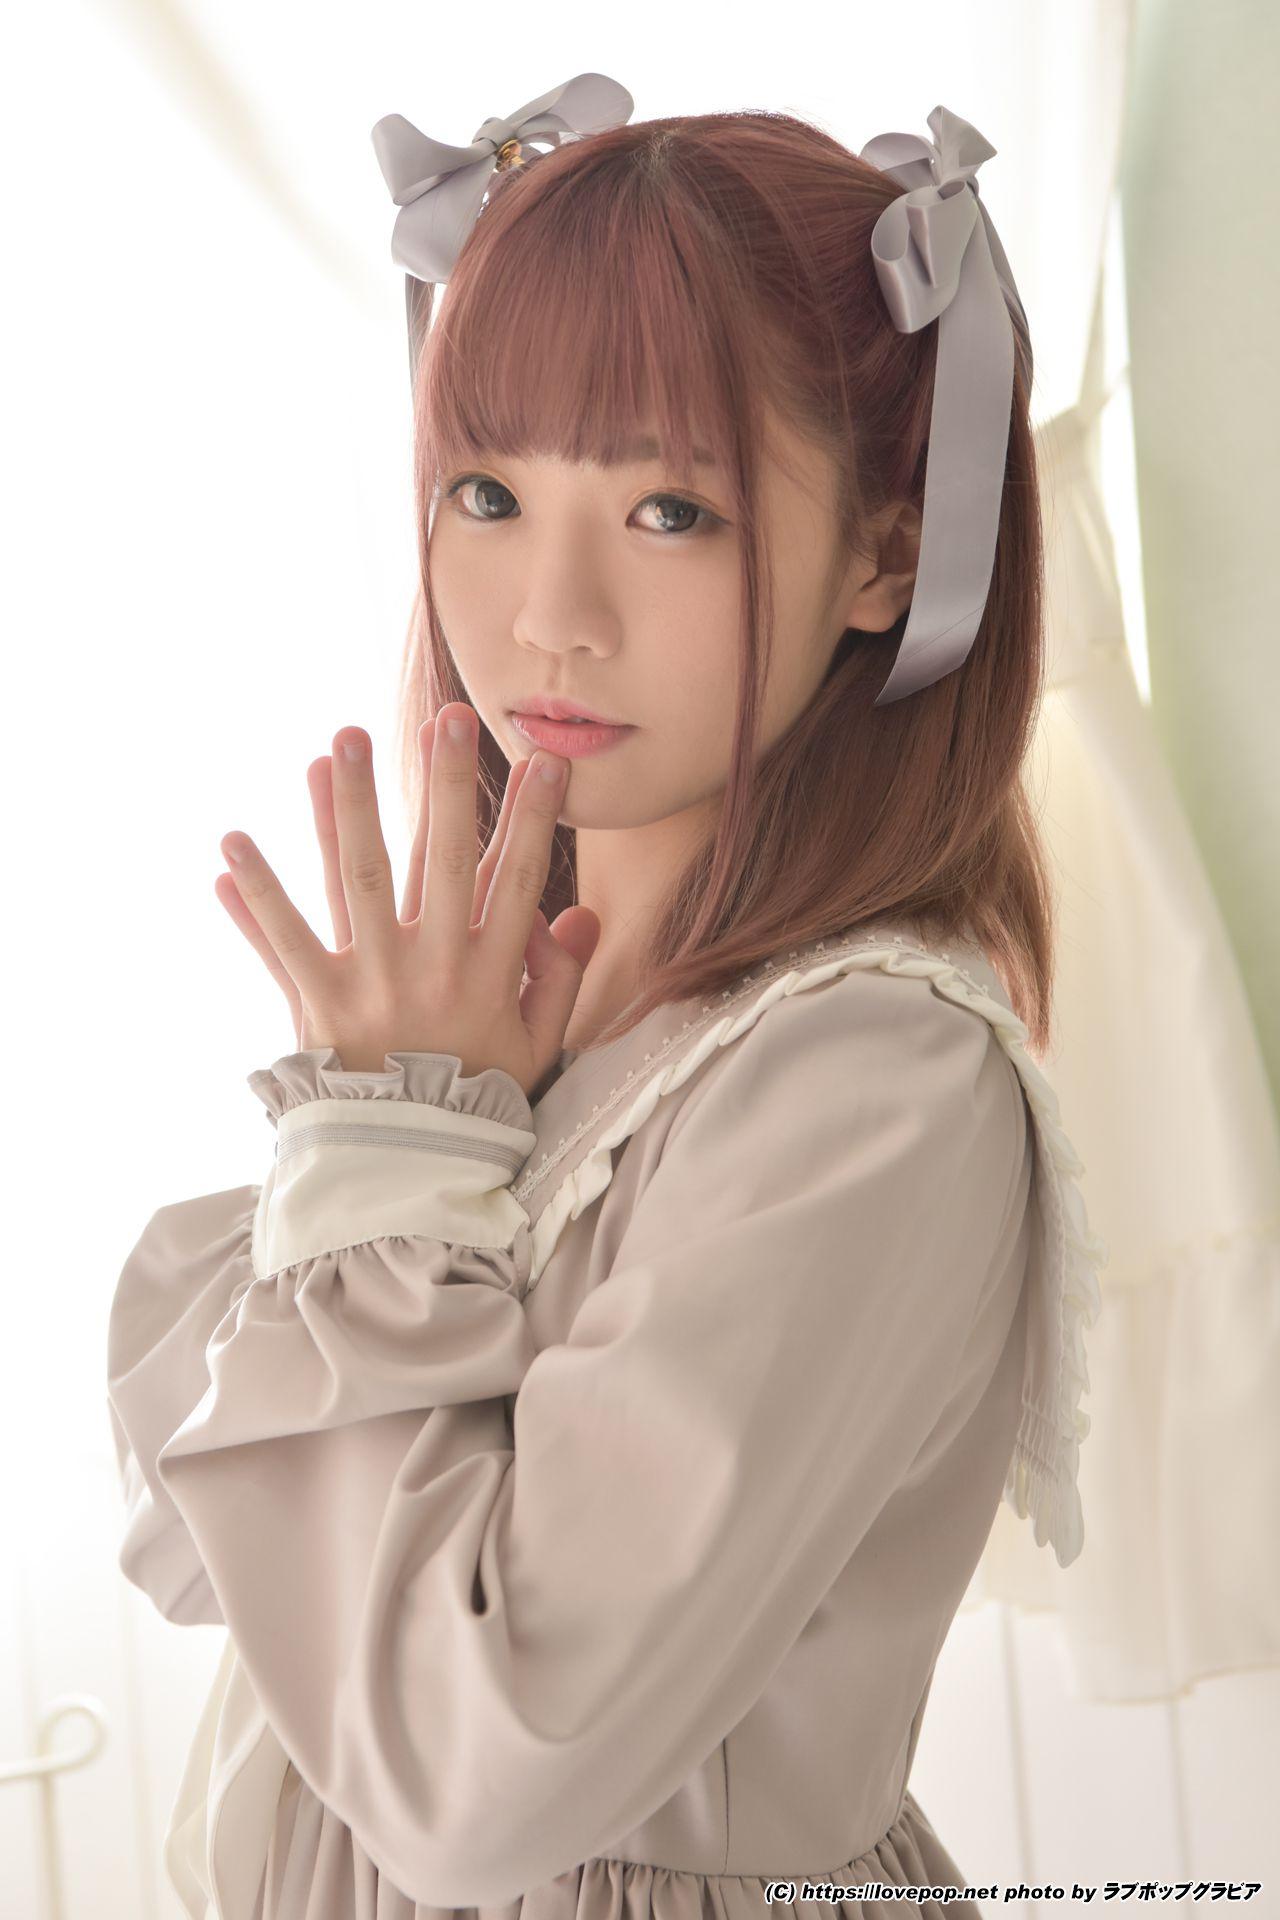 [LOVEPOP] CHIMU 千梦 Photoset 03 写真集[58P]插图(9)